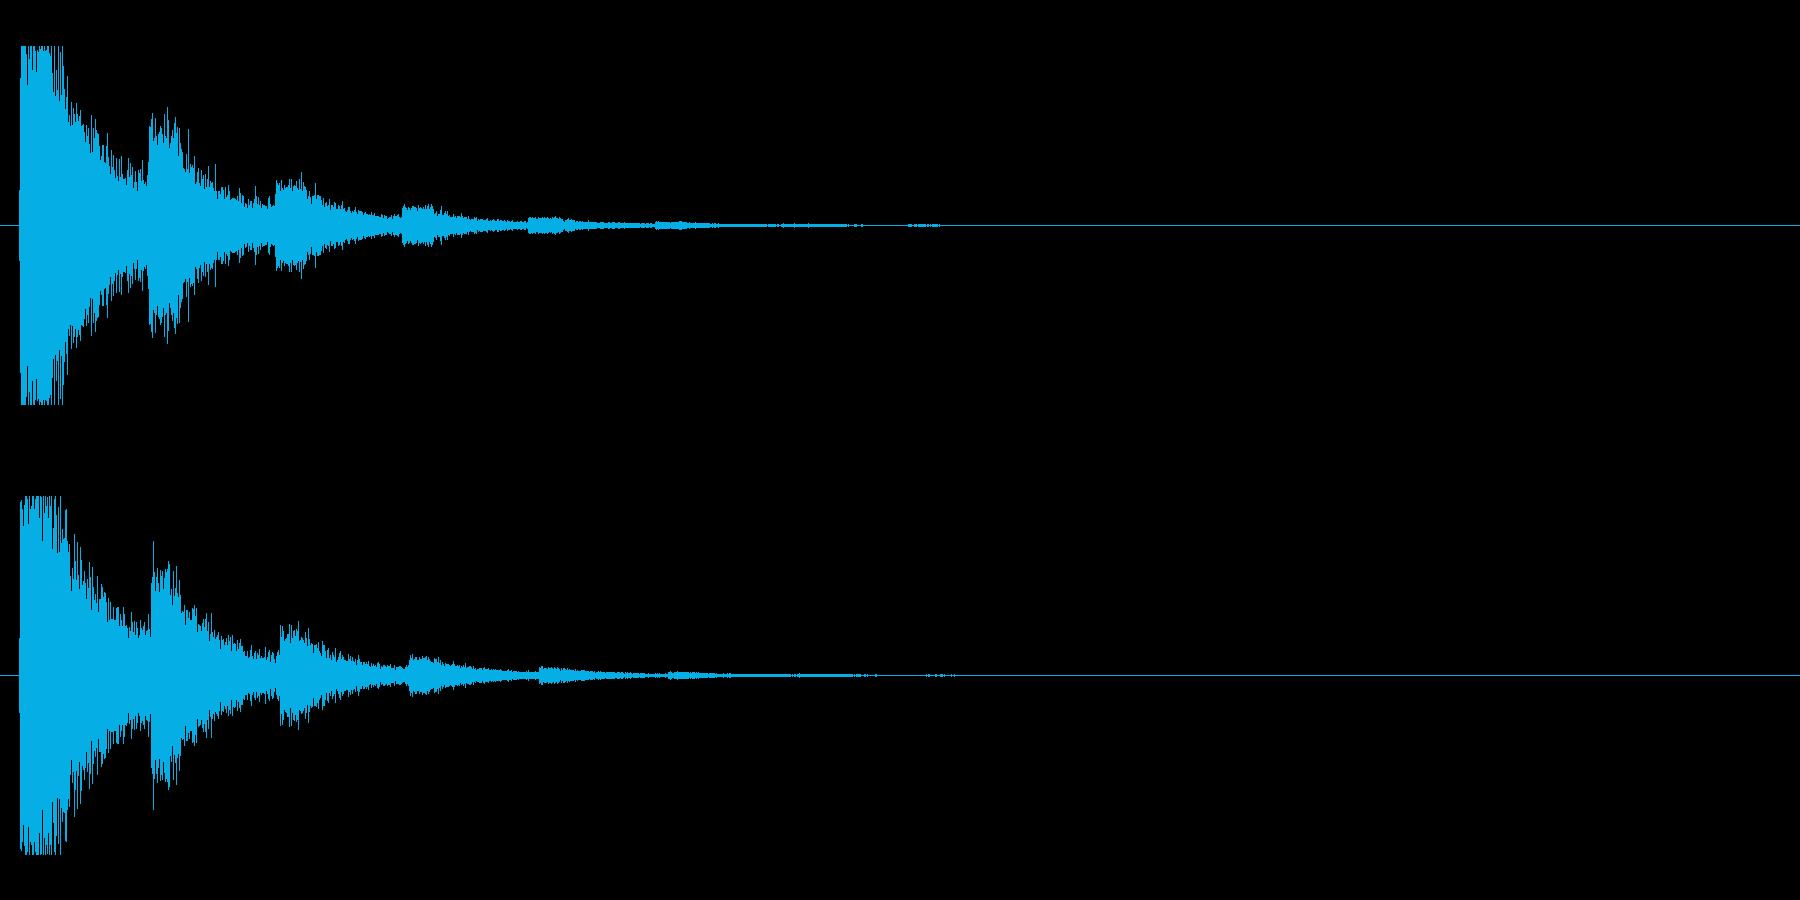 レーザー音-91-2の再生済みの波形